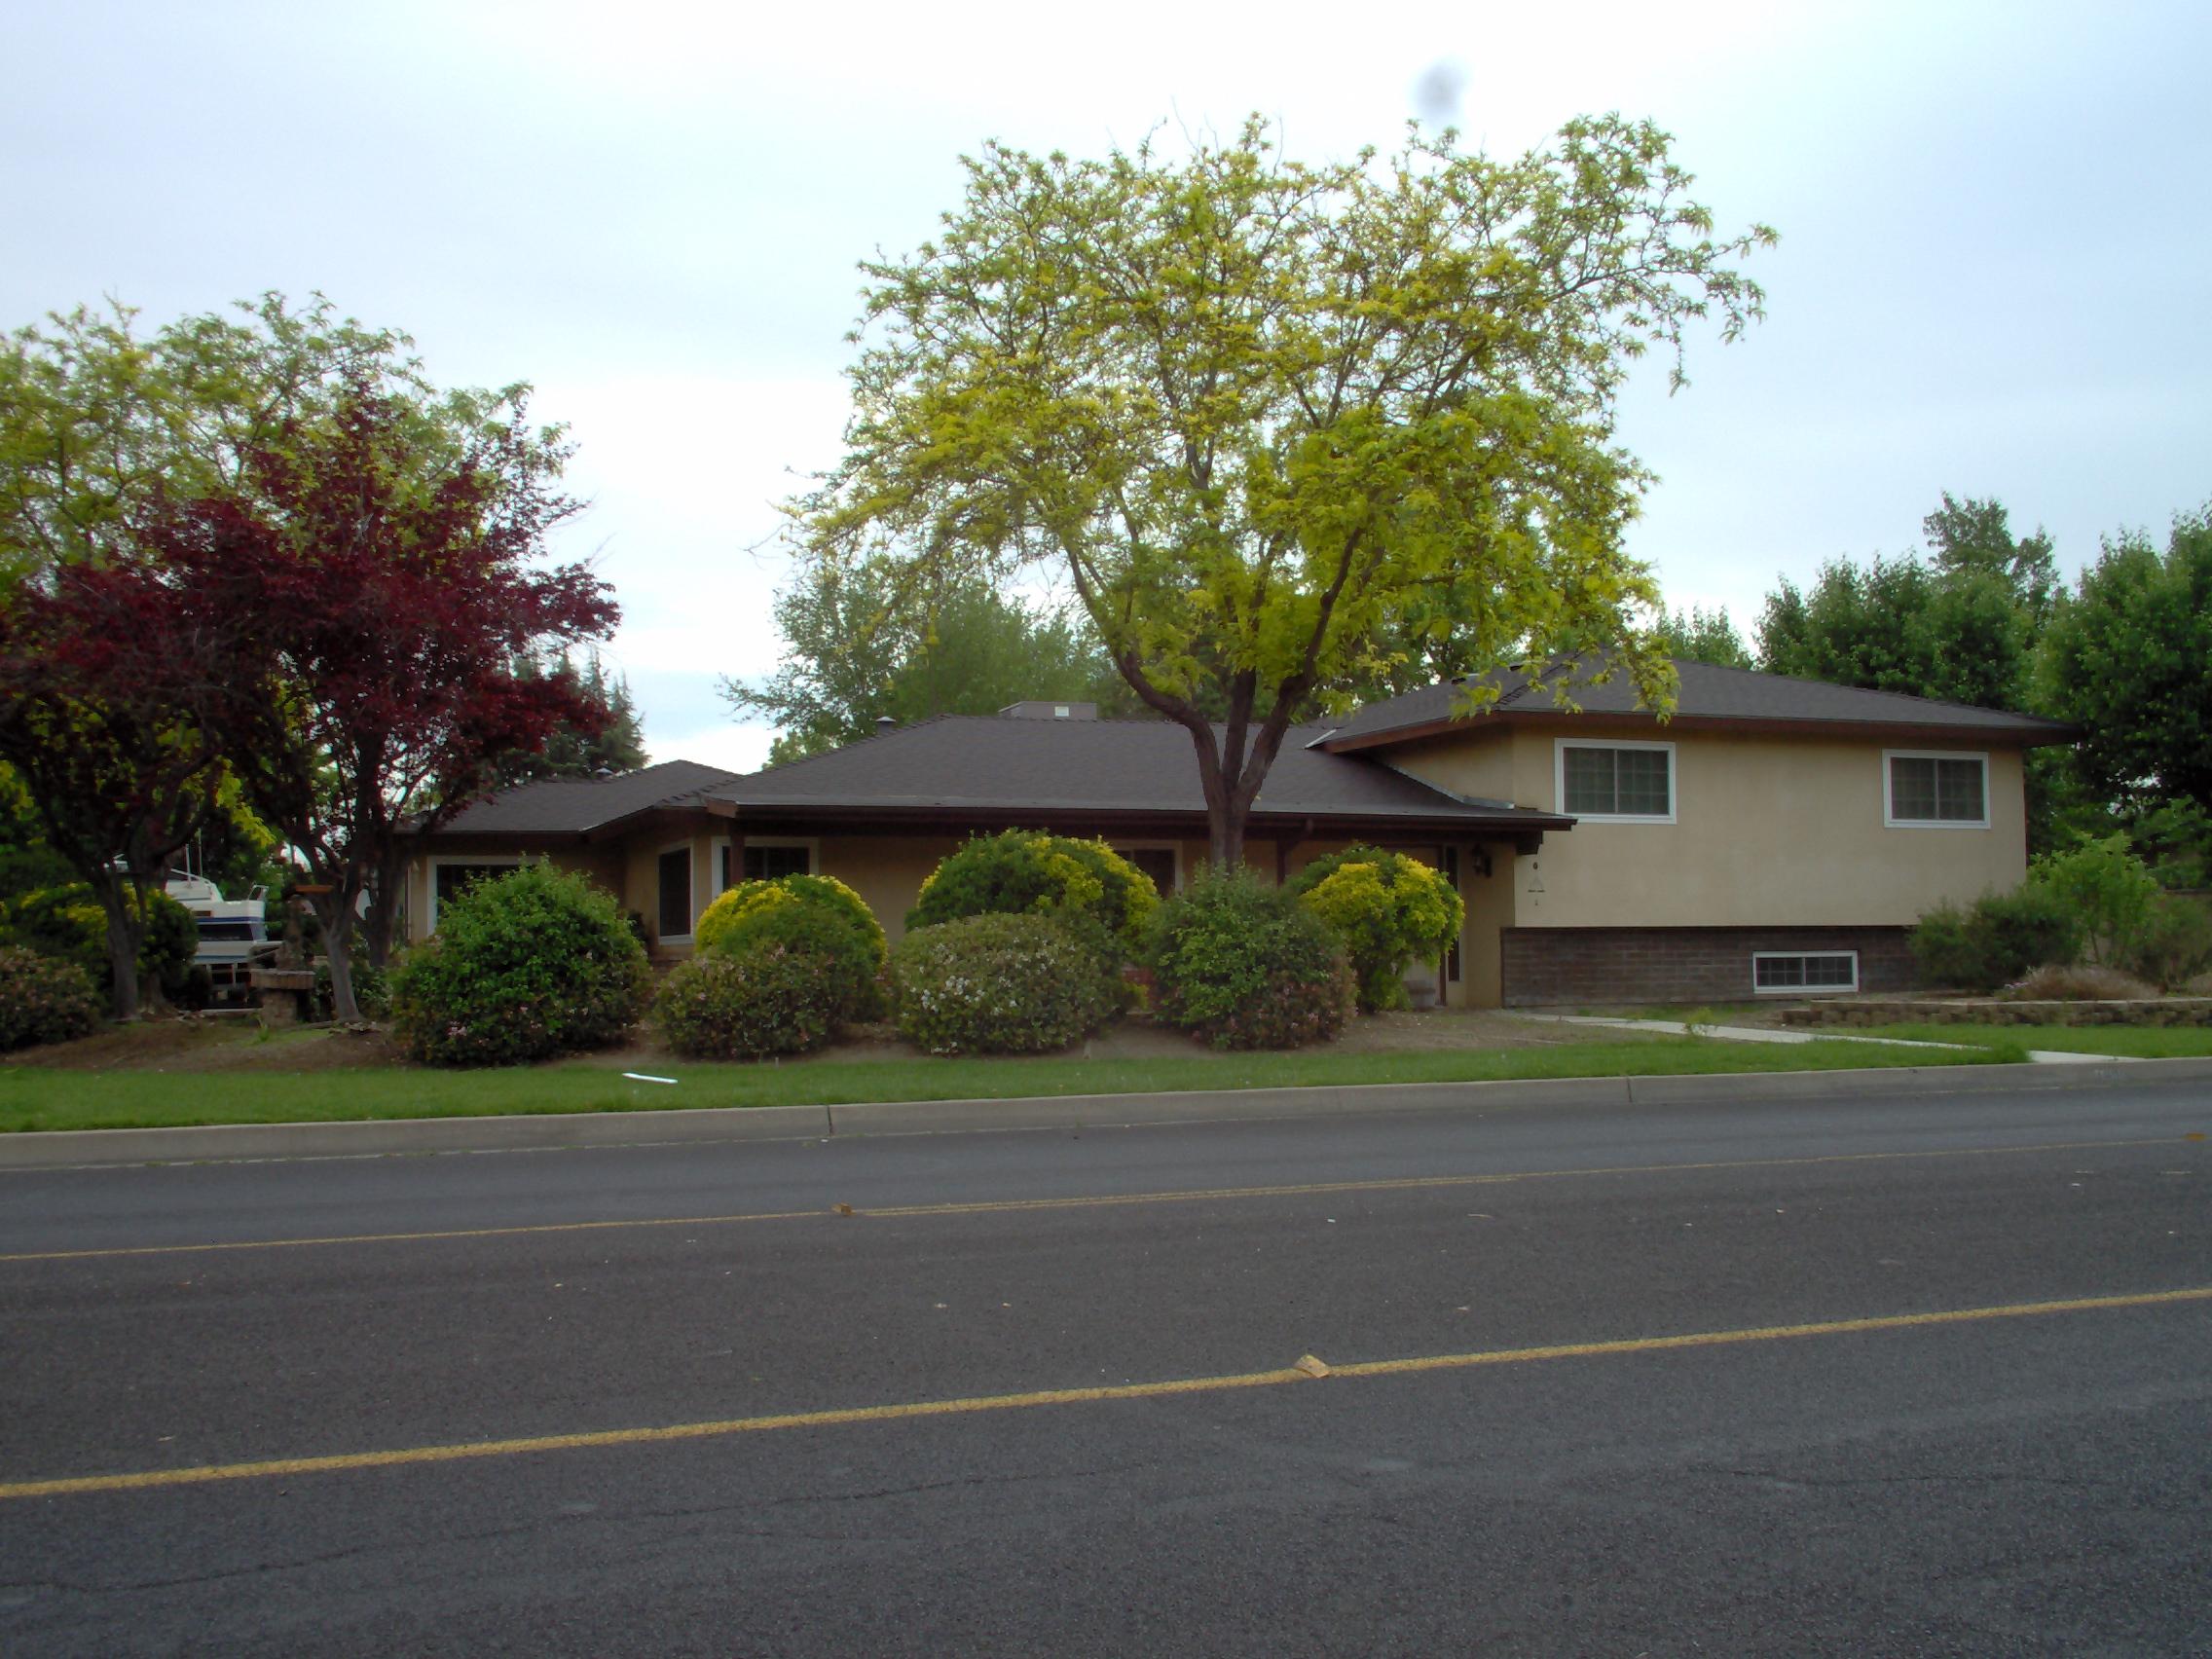 Splitlevelranchhouse Rambler Floor Plan House Design S on 1950s cape cod floor plans, 1950s split level floor plans, 1950s ranch floor plans,